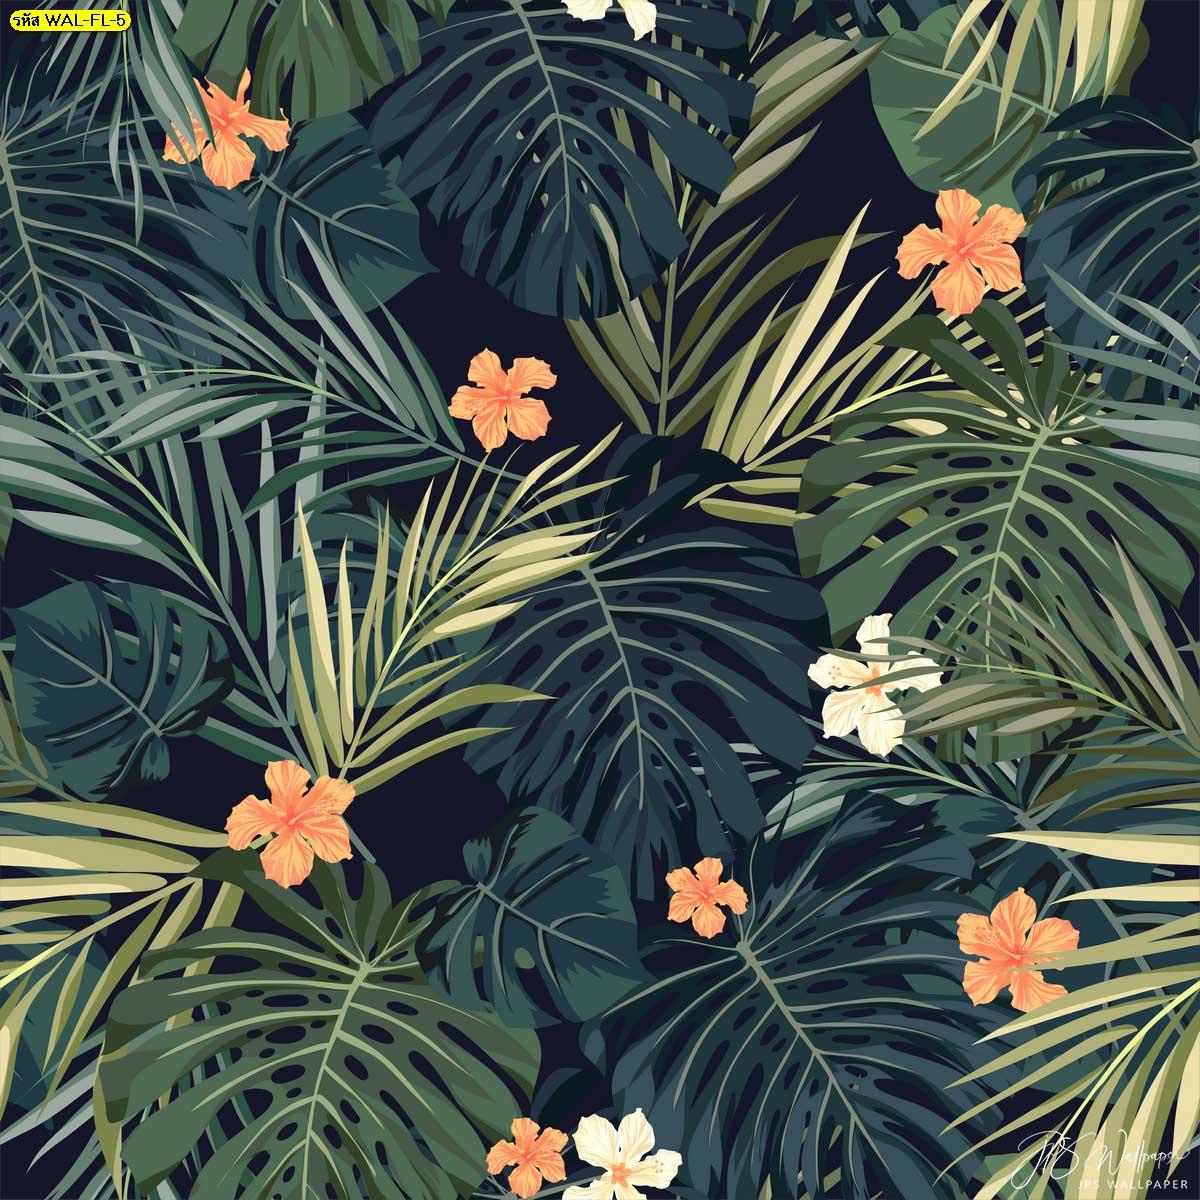 วอลเปเปอร์สั่งพิมพ์ลายต่อเนื่องใบไม้และดอกไม้ วอลเปเปอร์สไตล์สวนป่า